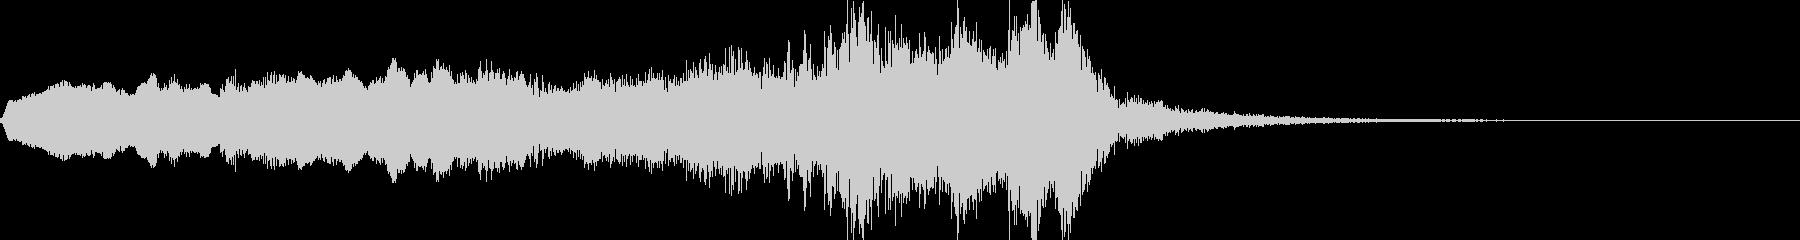 キャラクターに用いる楽曲の未再生の波形